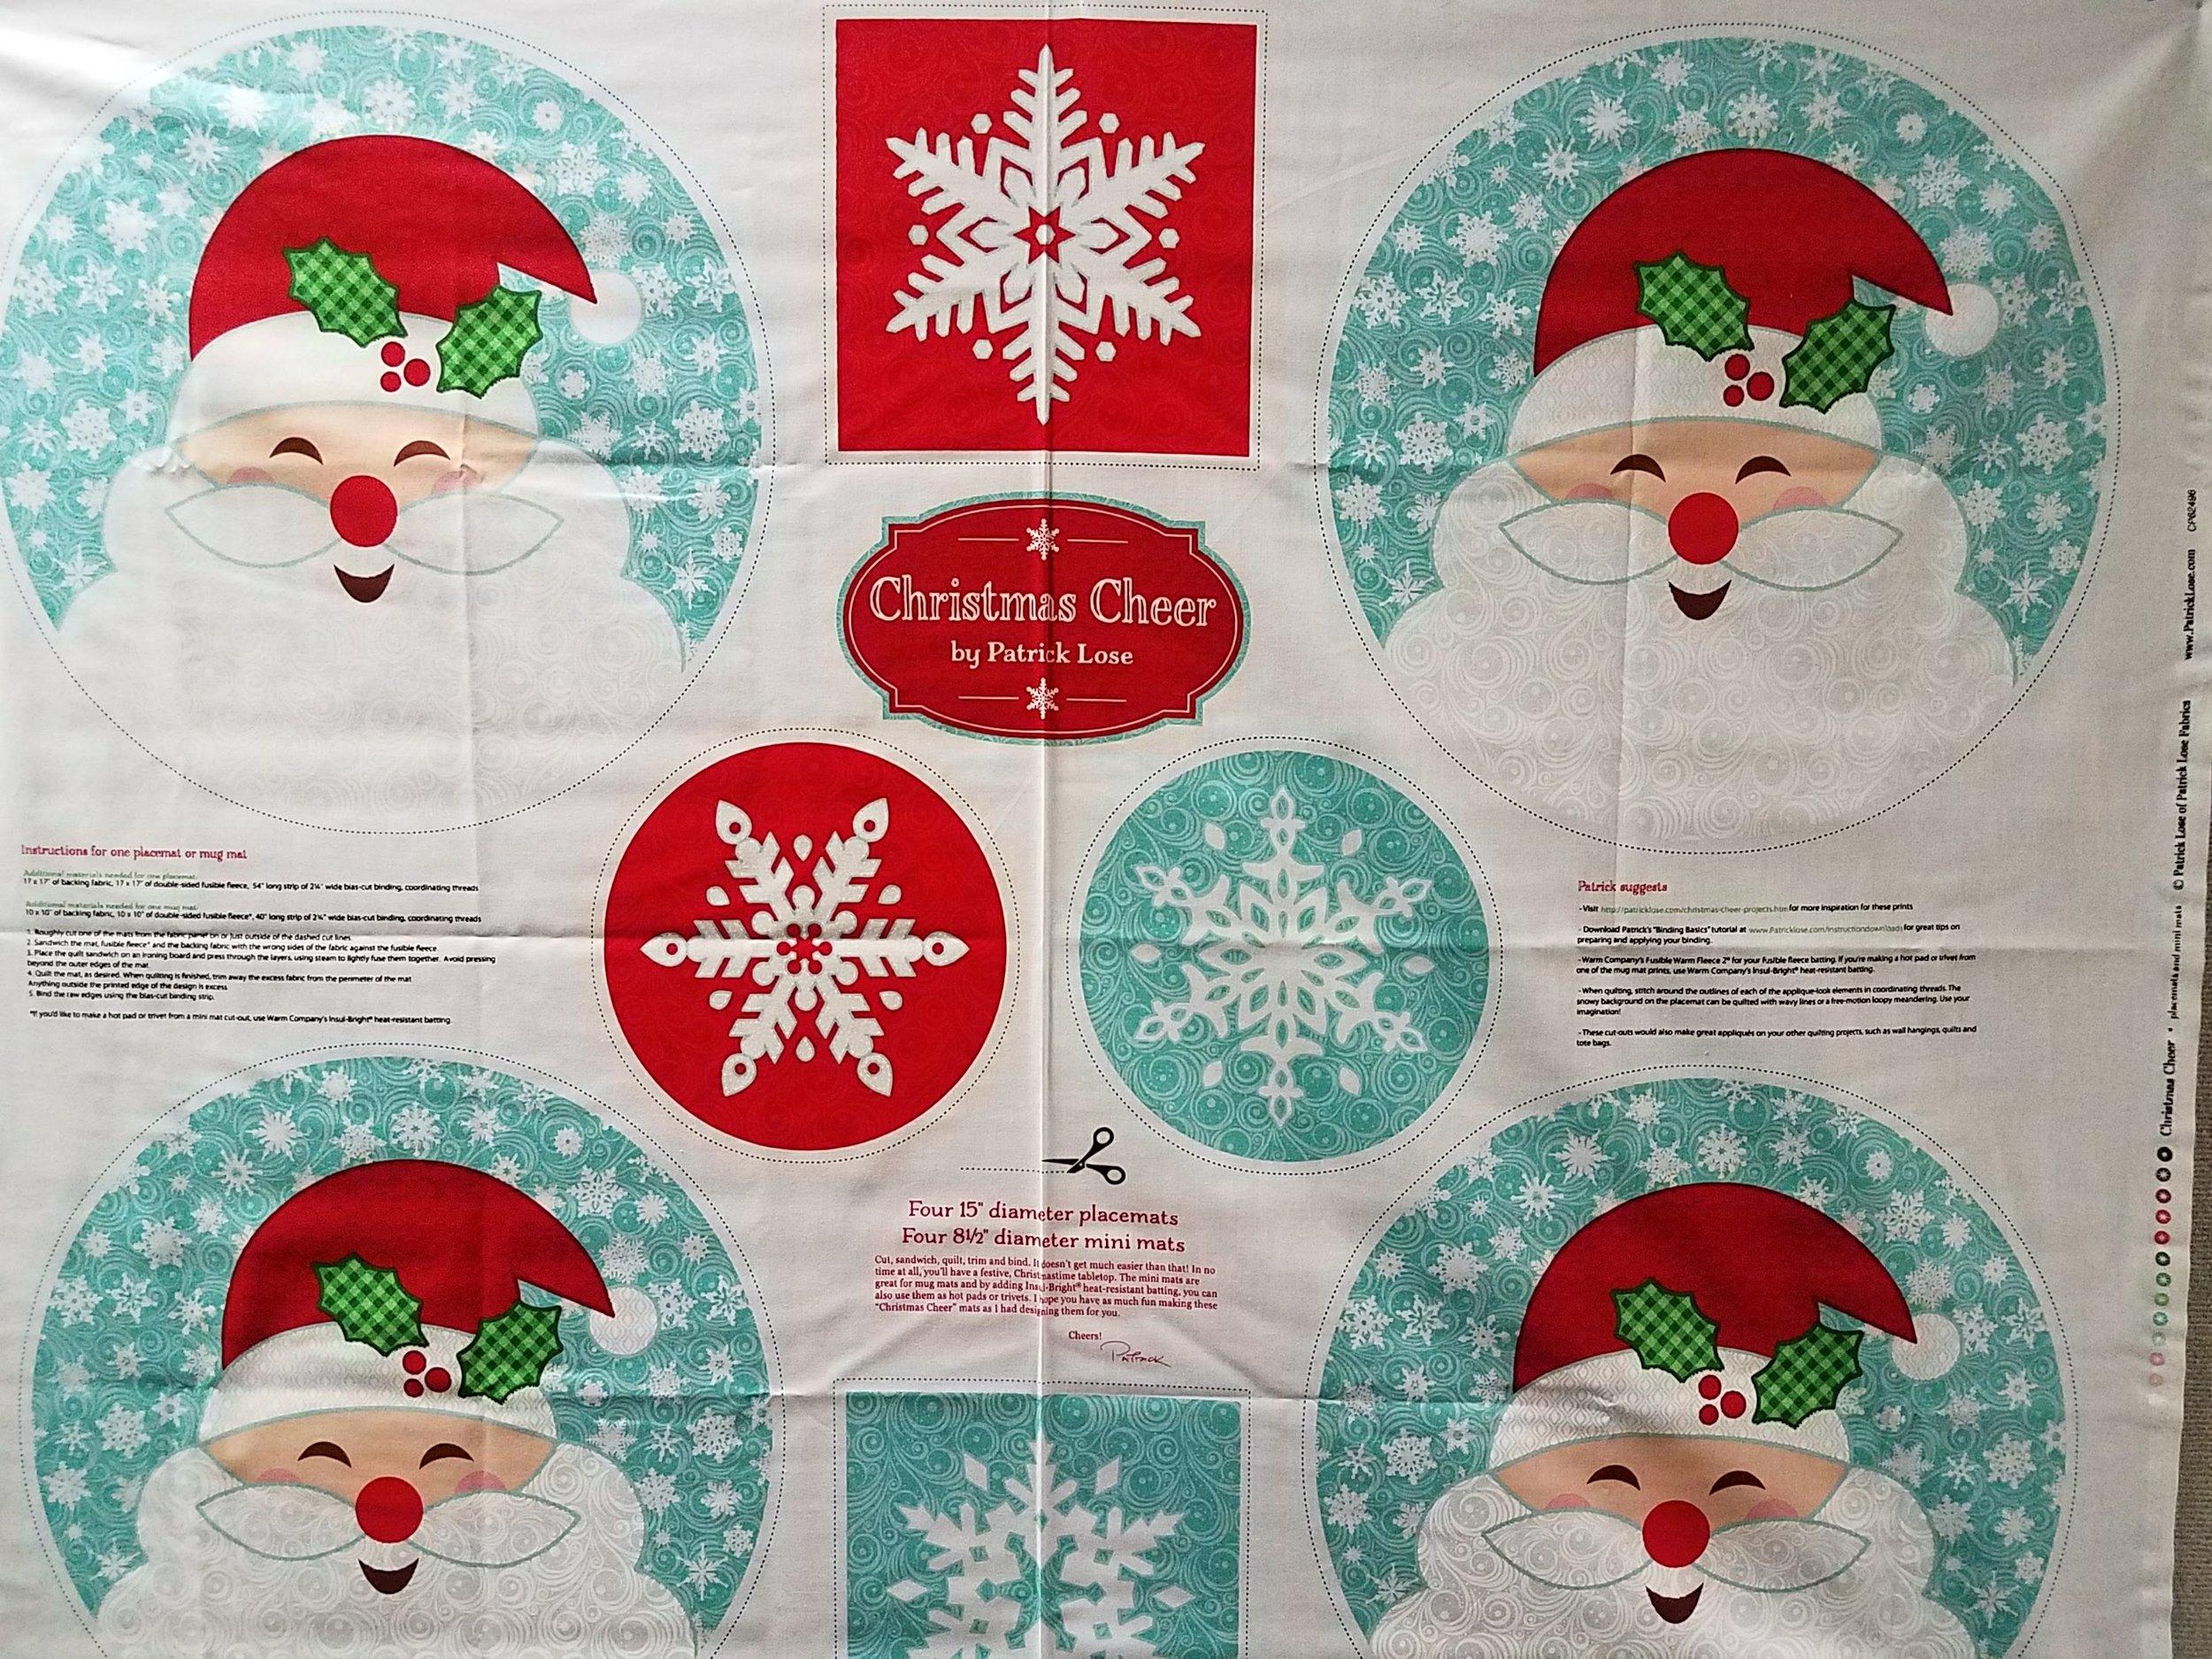 Christmas Cheer Place Mats by Patrick Lose-4 Place Mats /& 4 Mini Mats-Santa